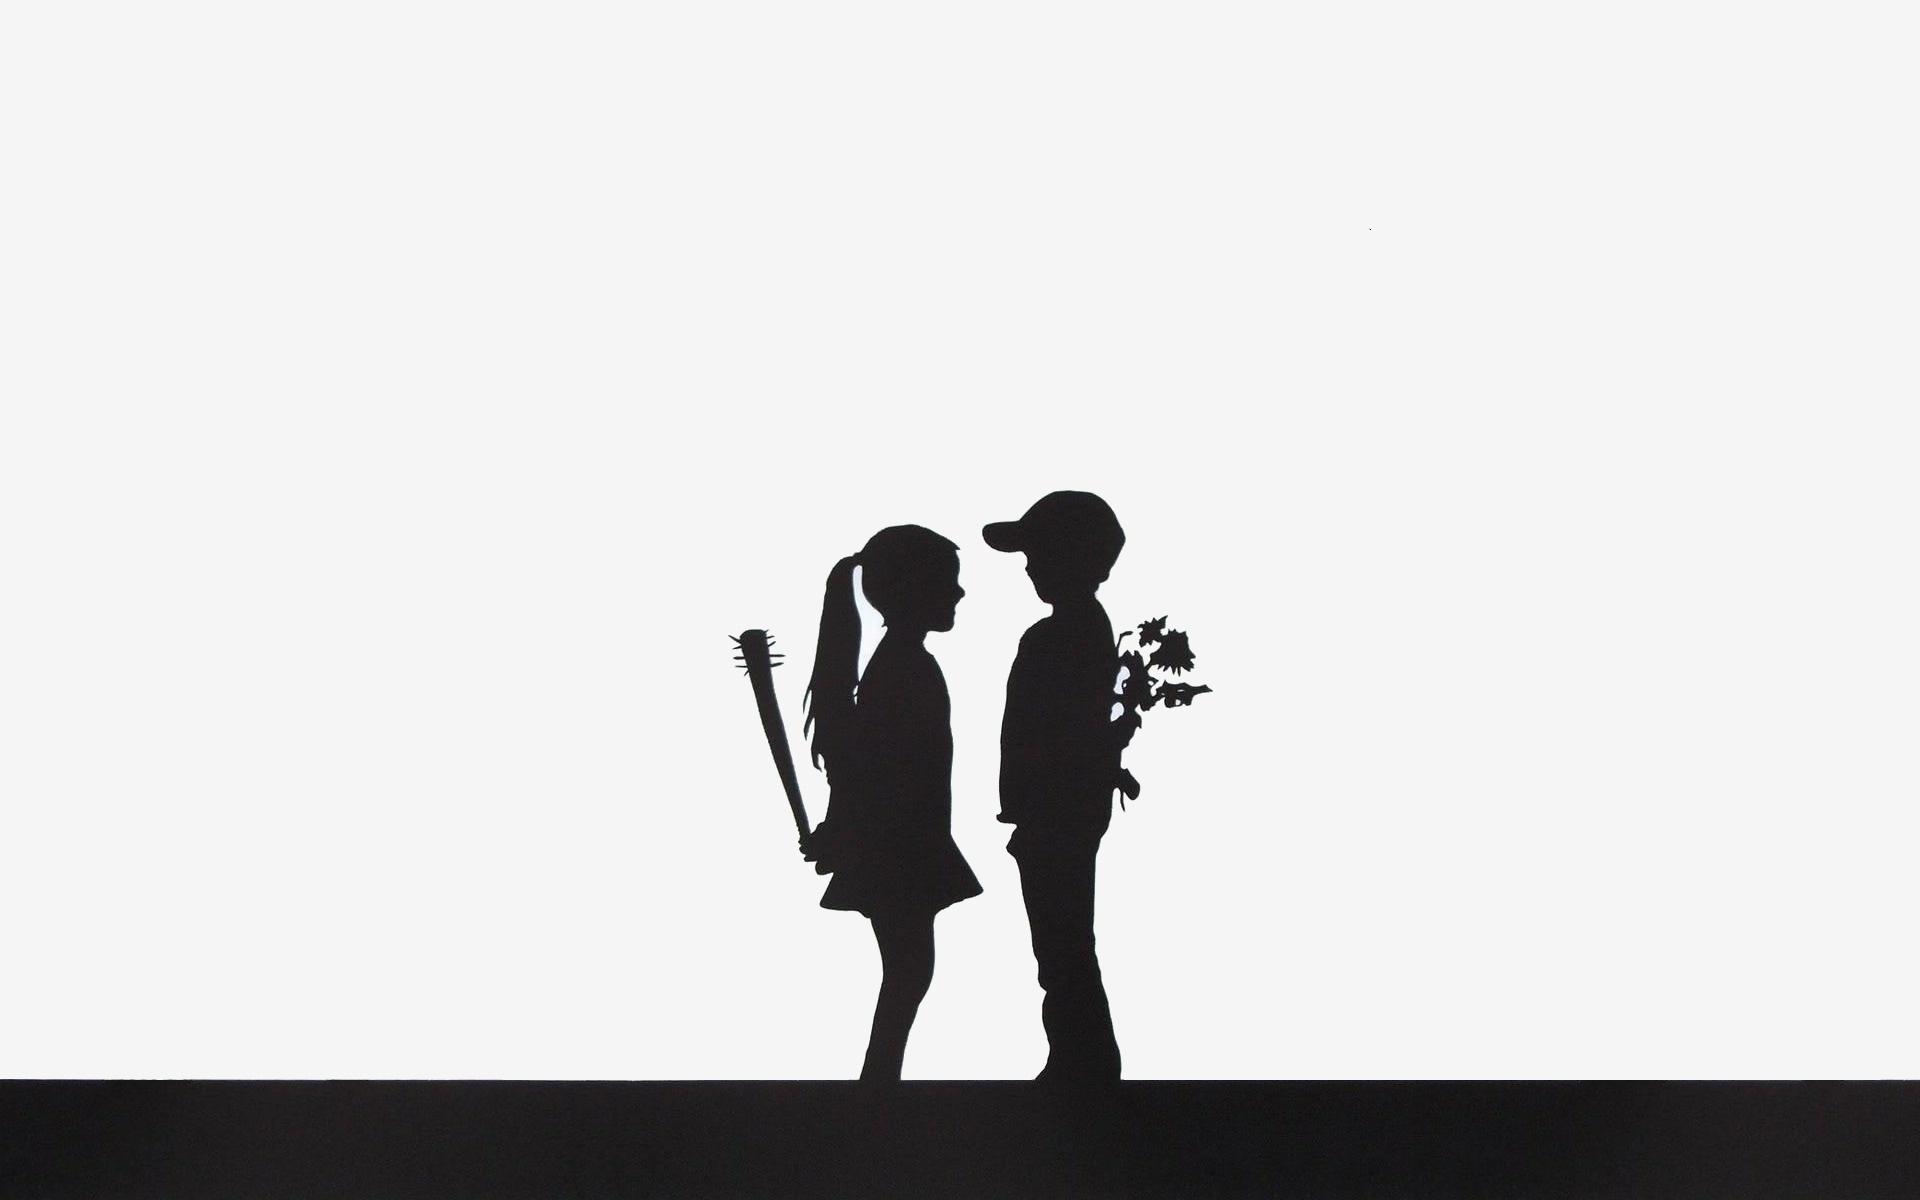 1920x1200 Wallpaper Illustration, Flowers, Silhouette, Brand, Boy, Girl